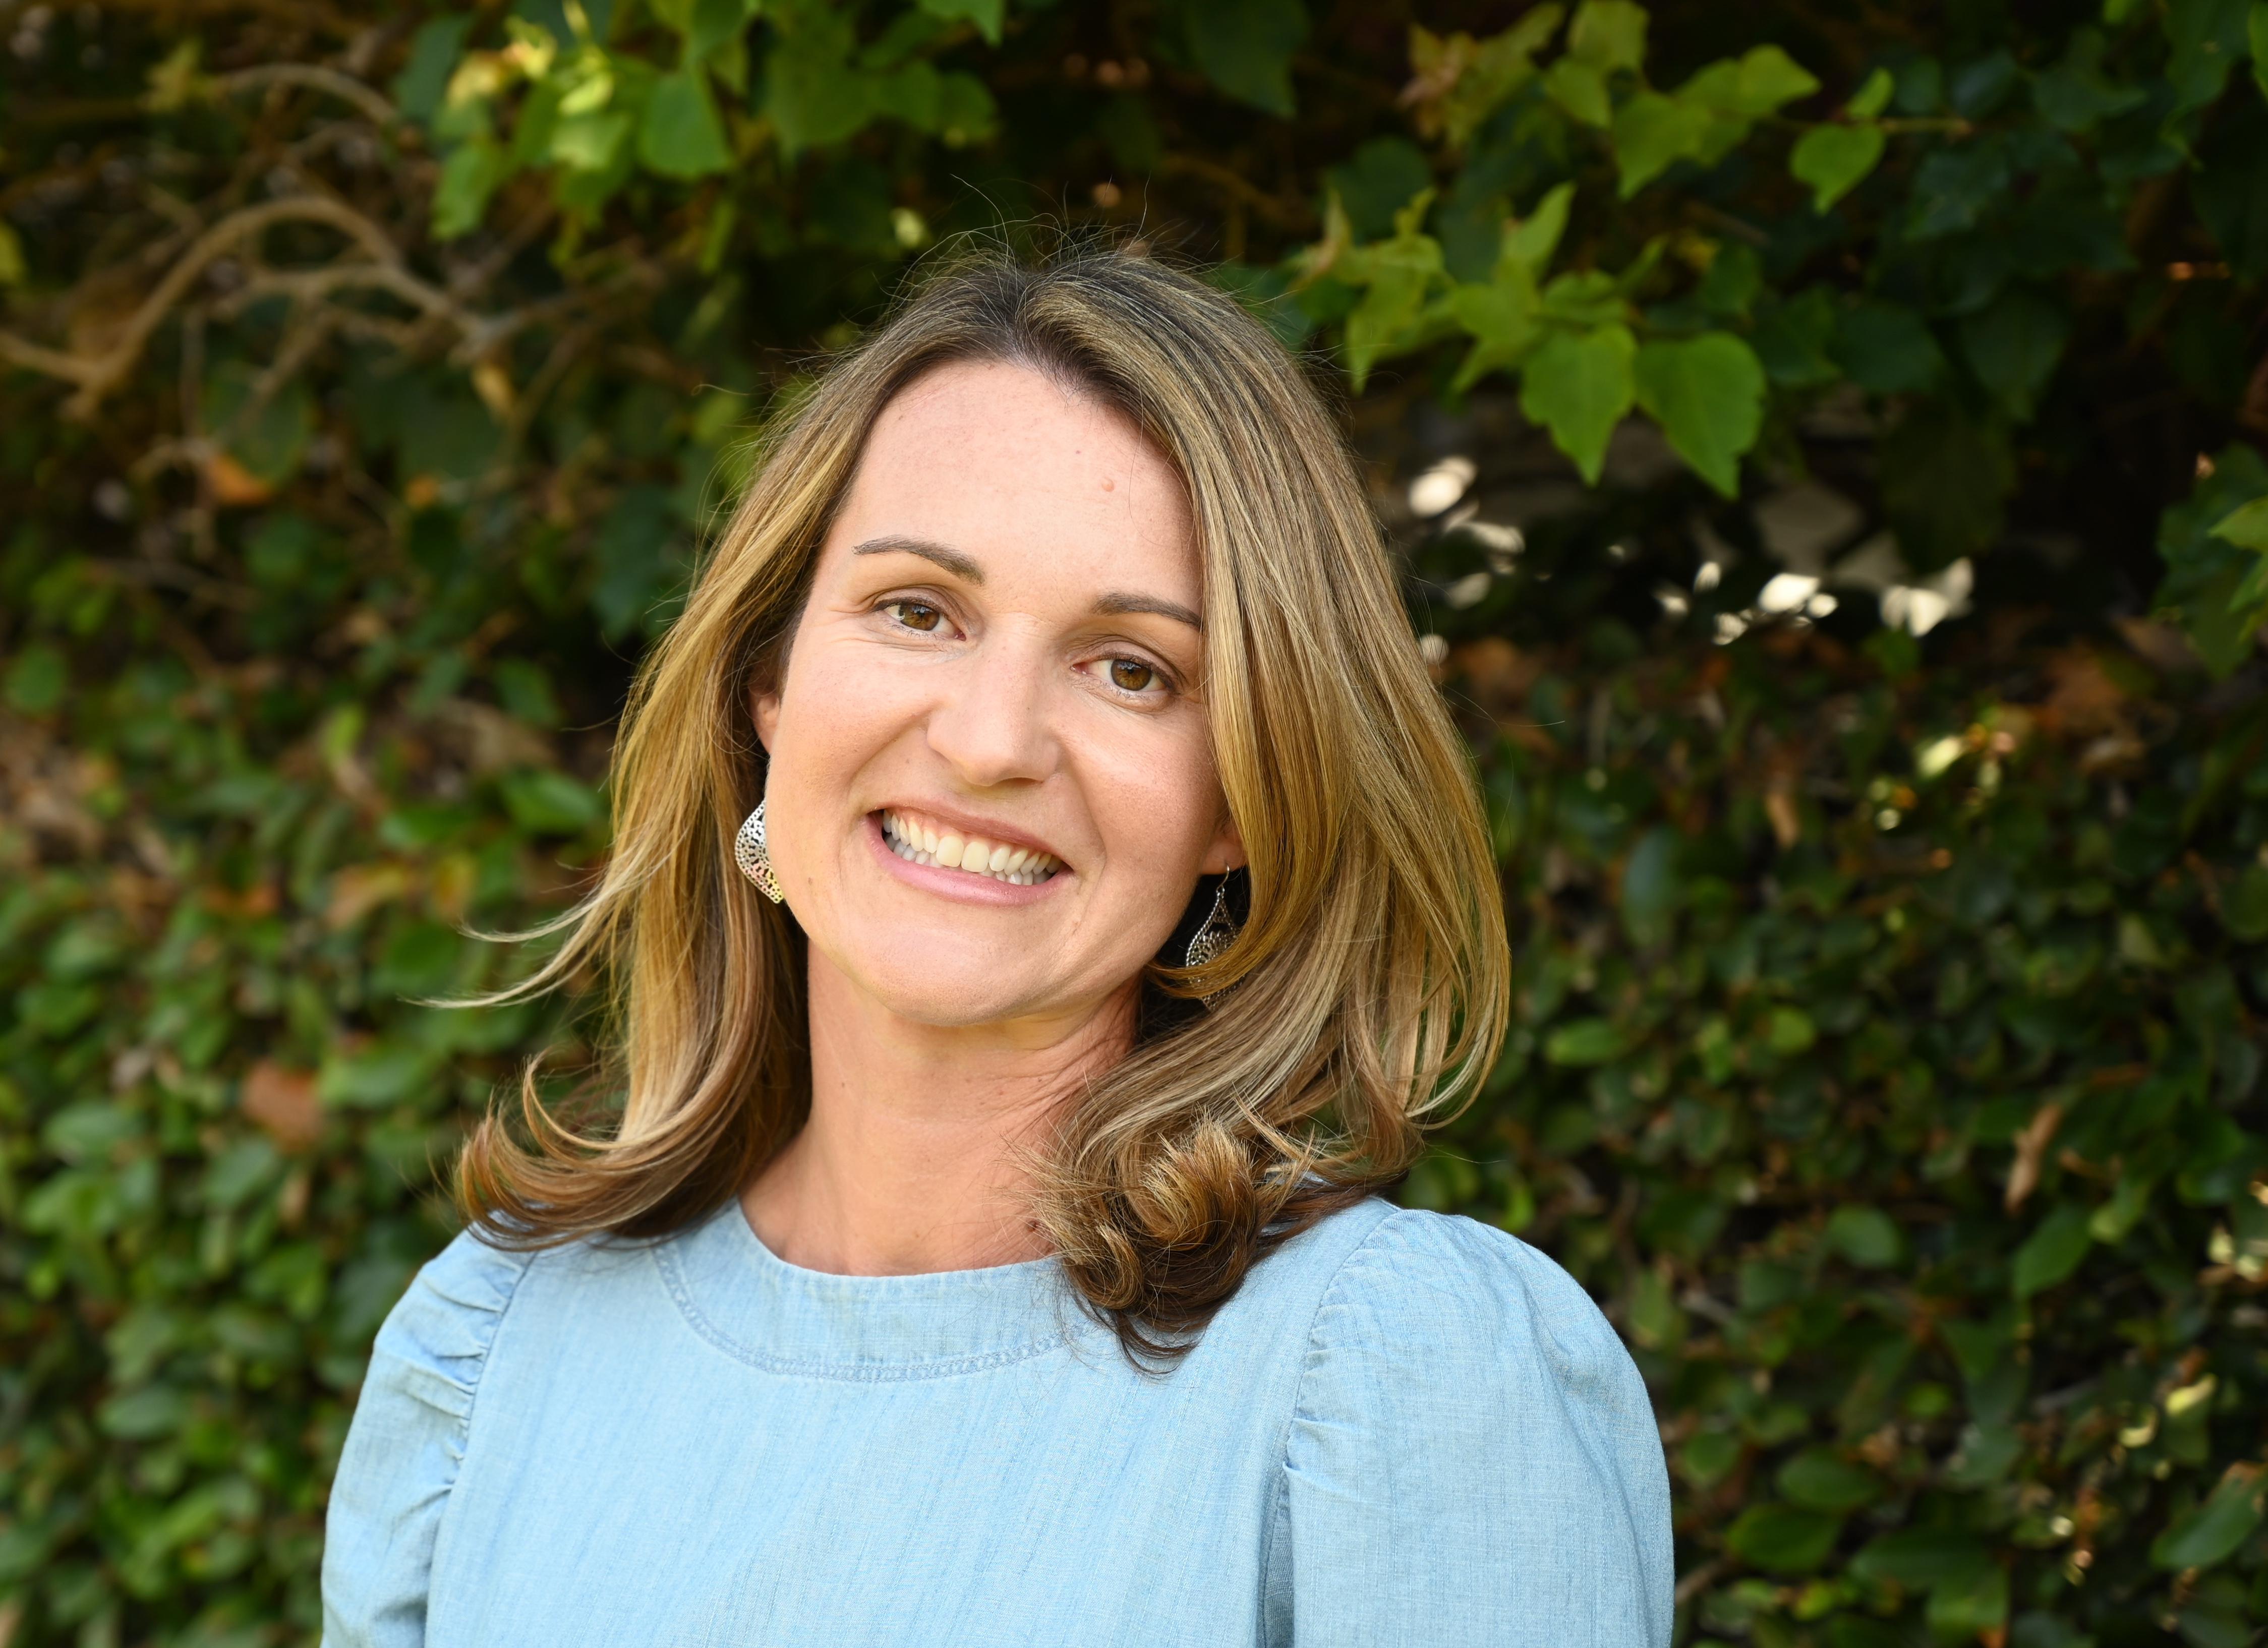 Becky Stuempfig